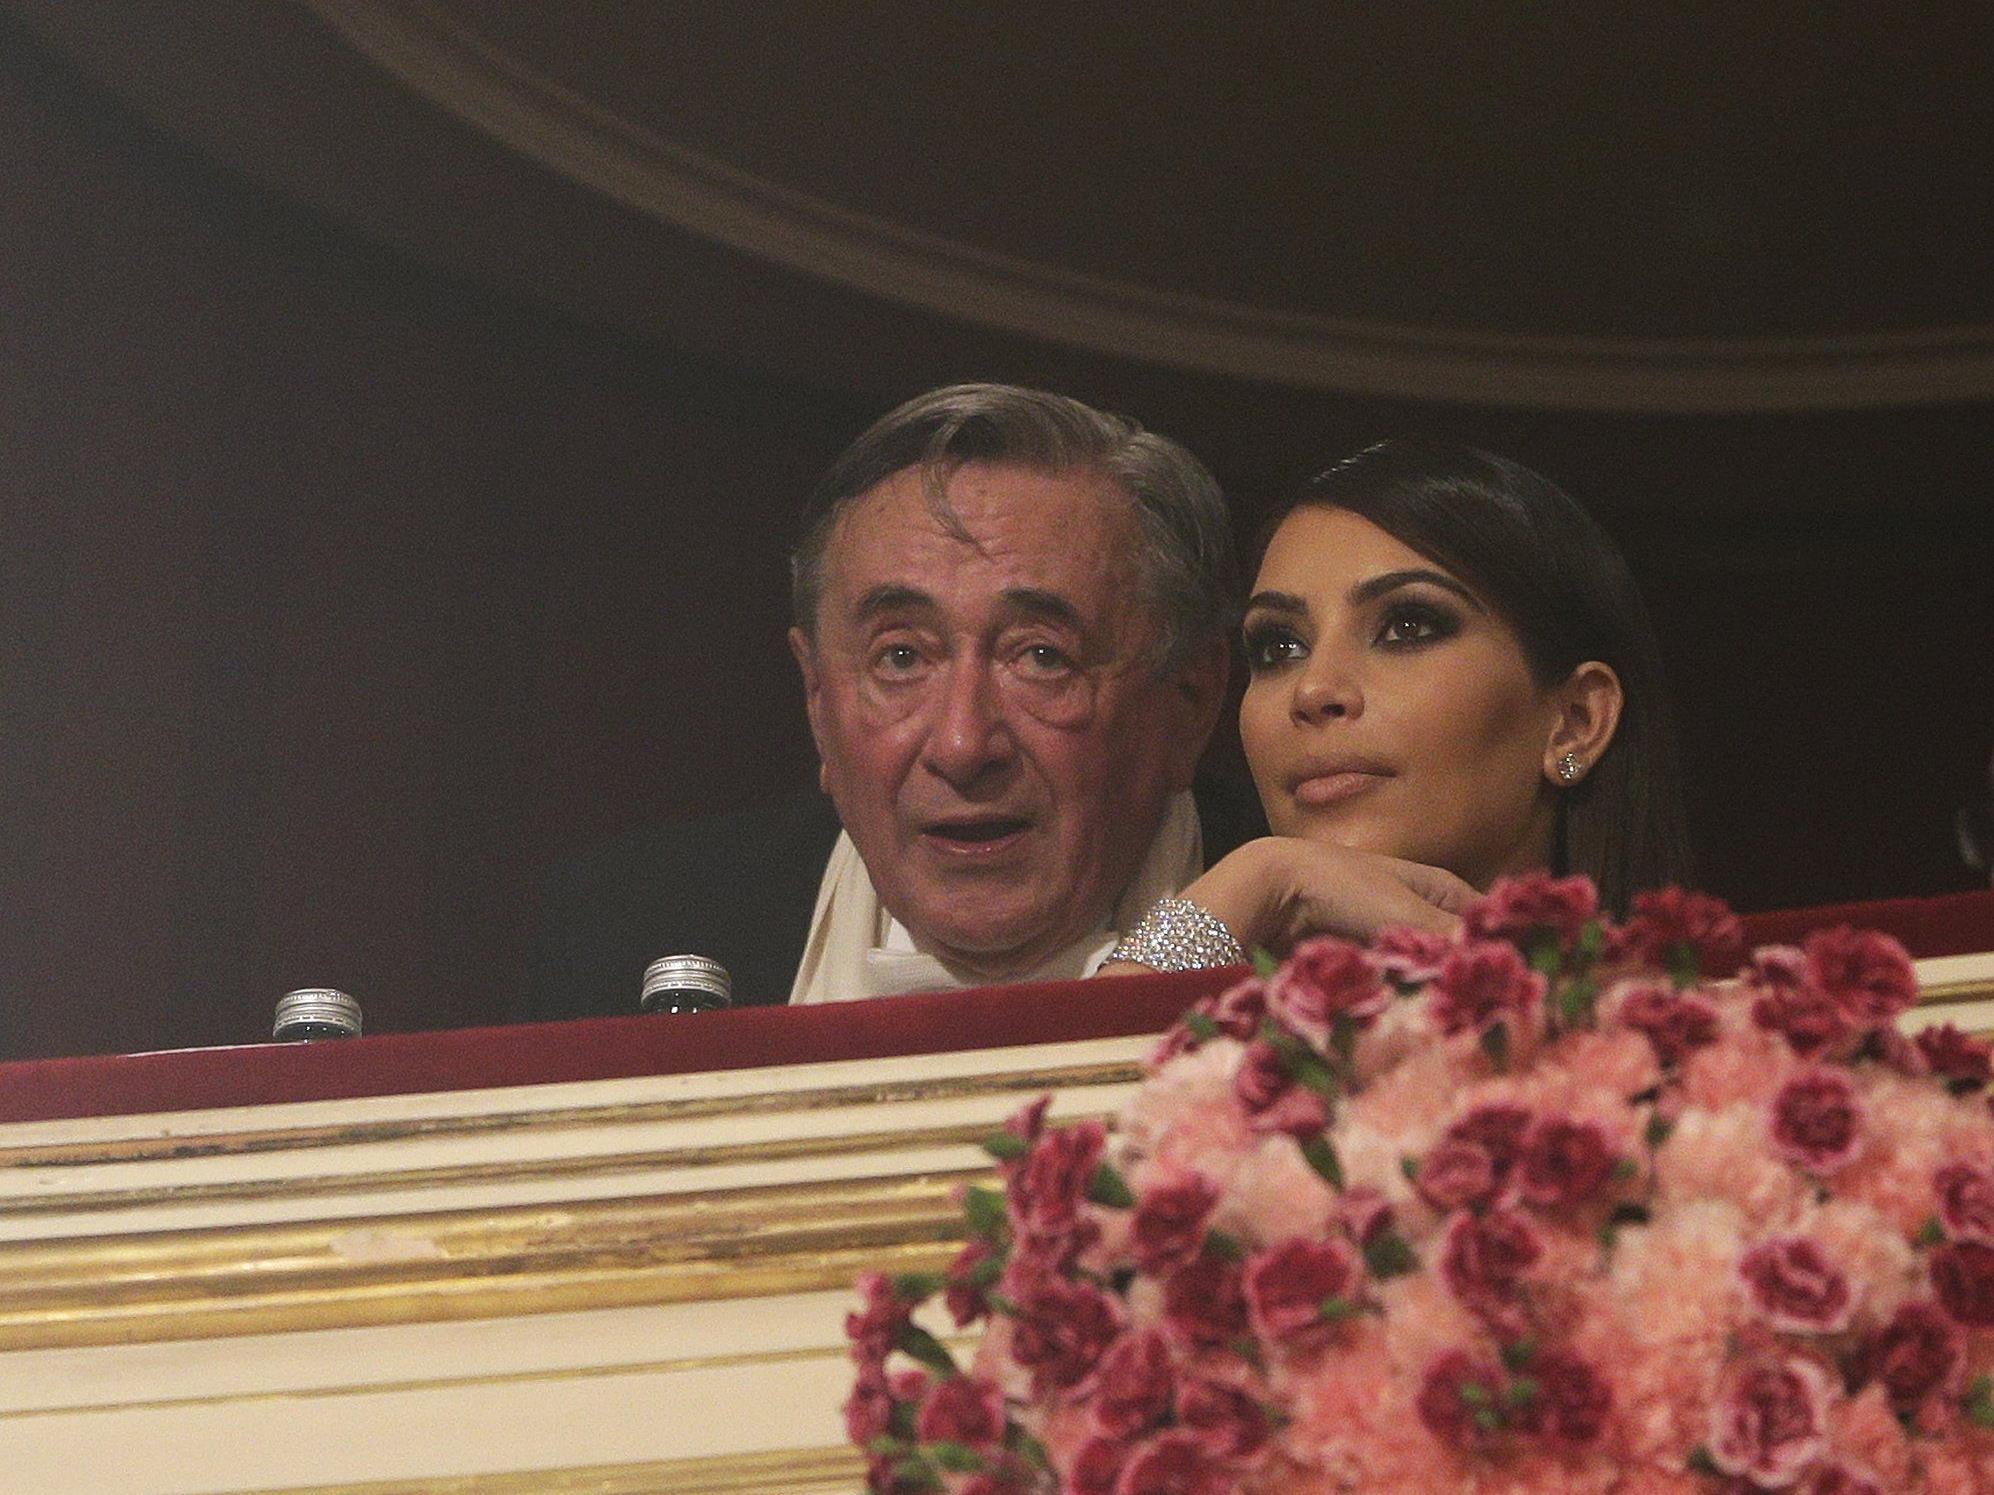 Kardashian zeigte Lugner die kalte Schulter